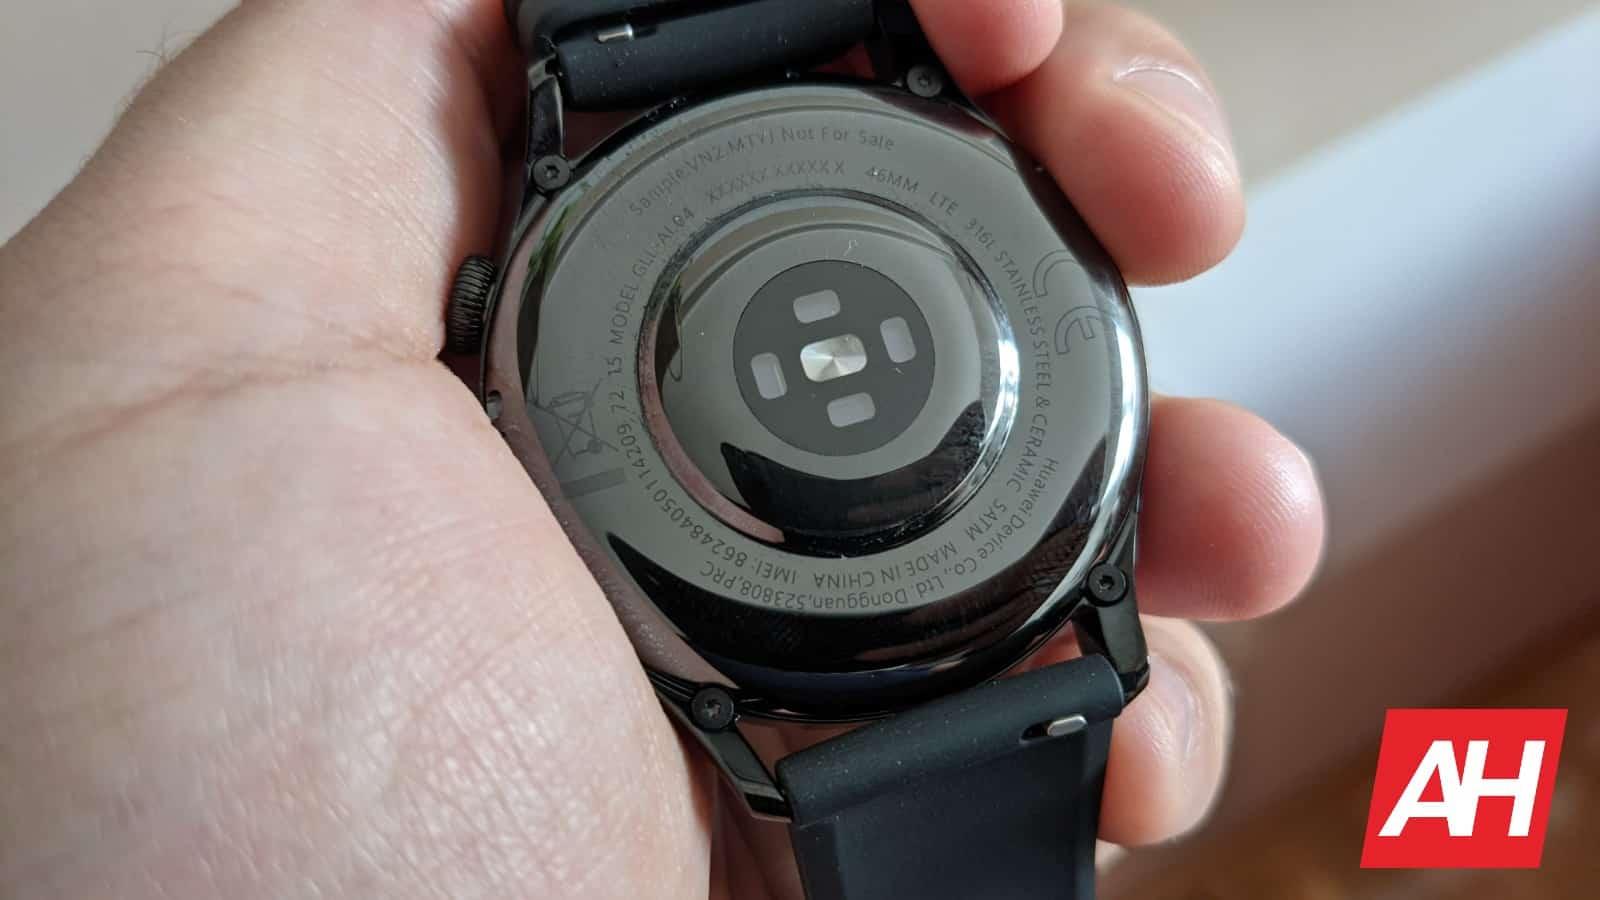 AH Huawei Watch 3 image 12